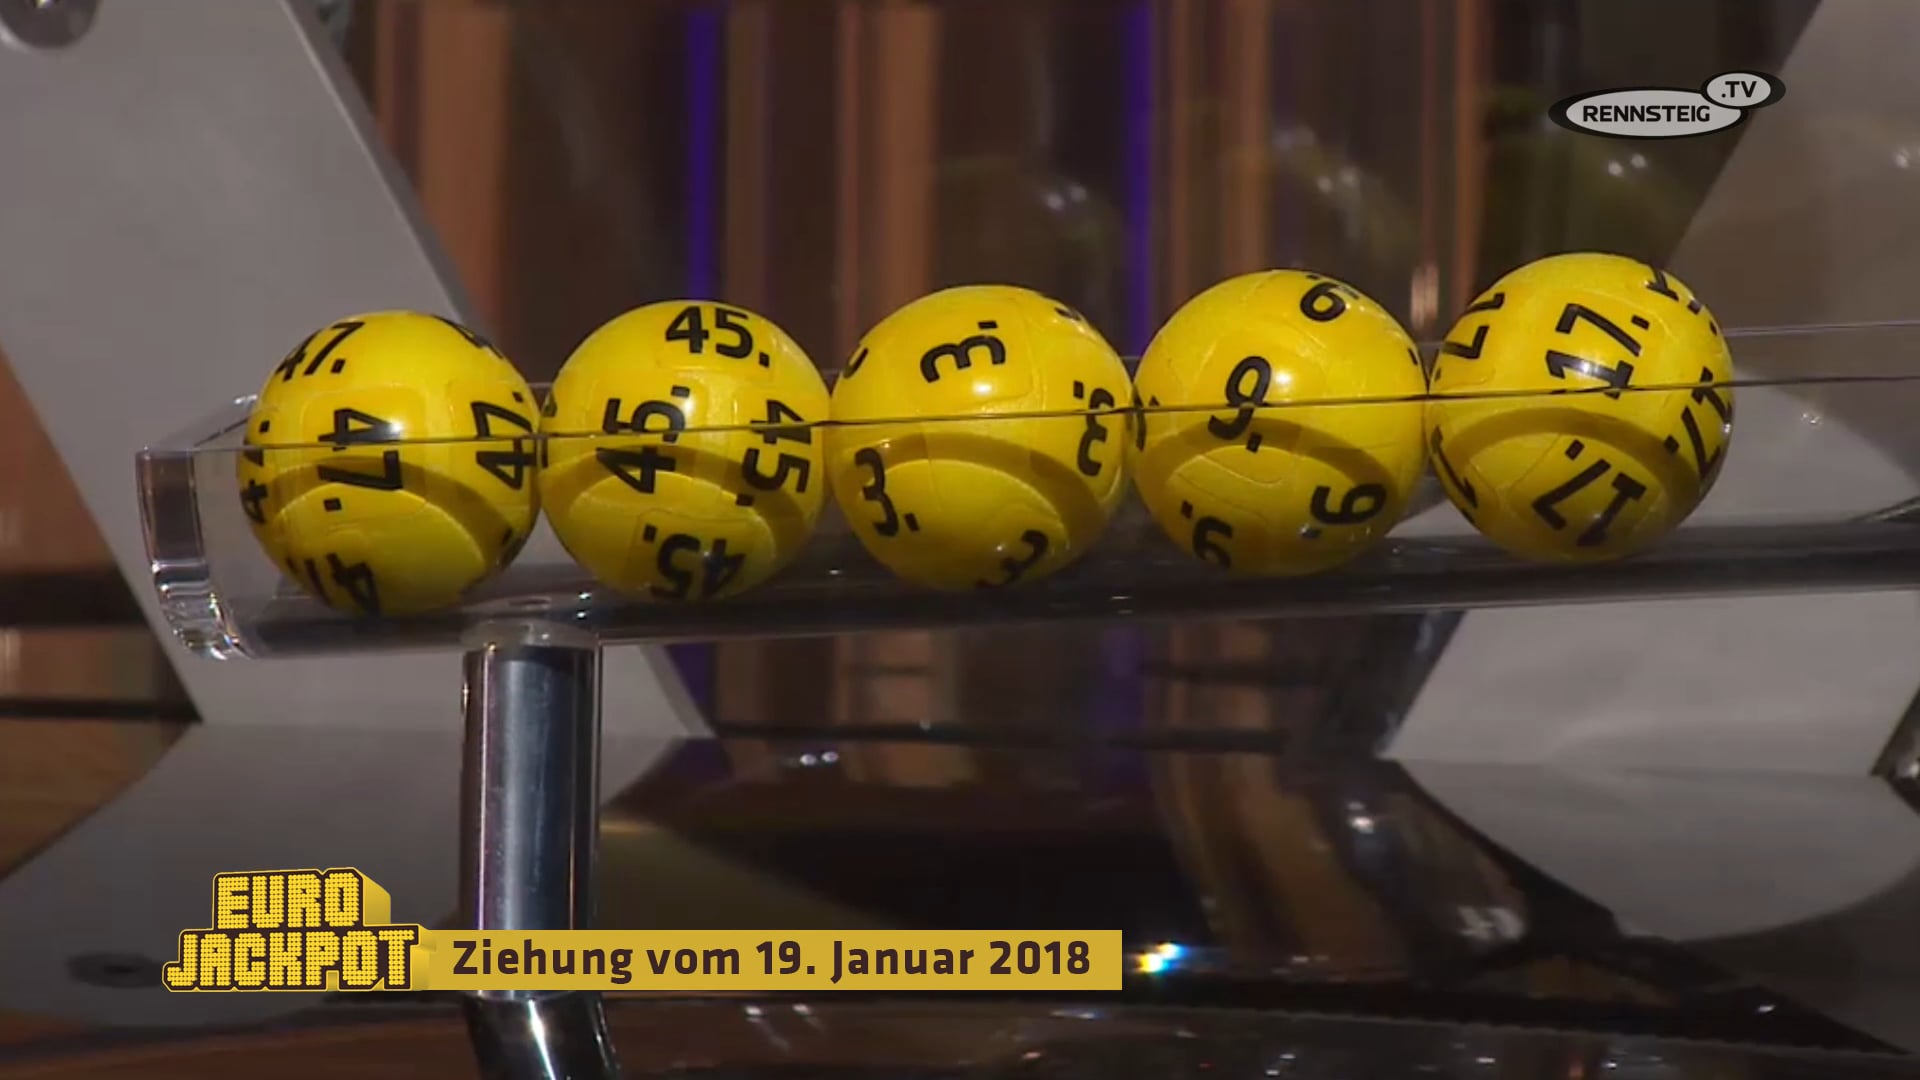 Eurojackpot Ziehung Stream